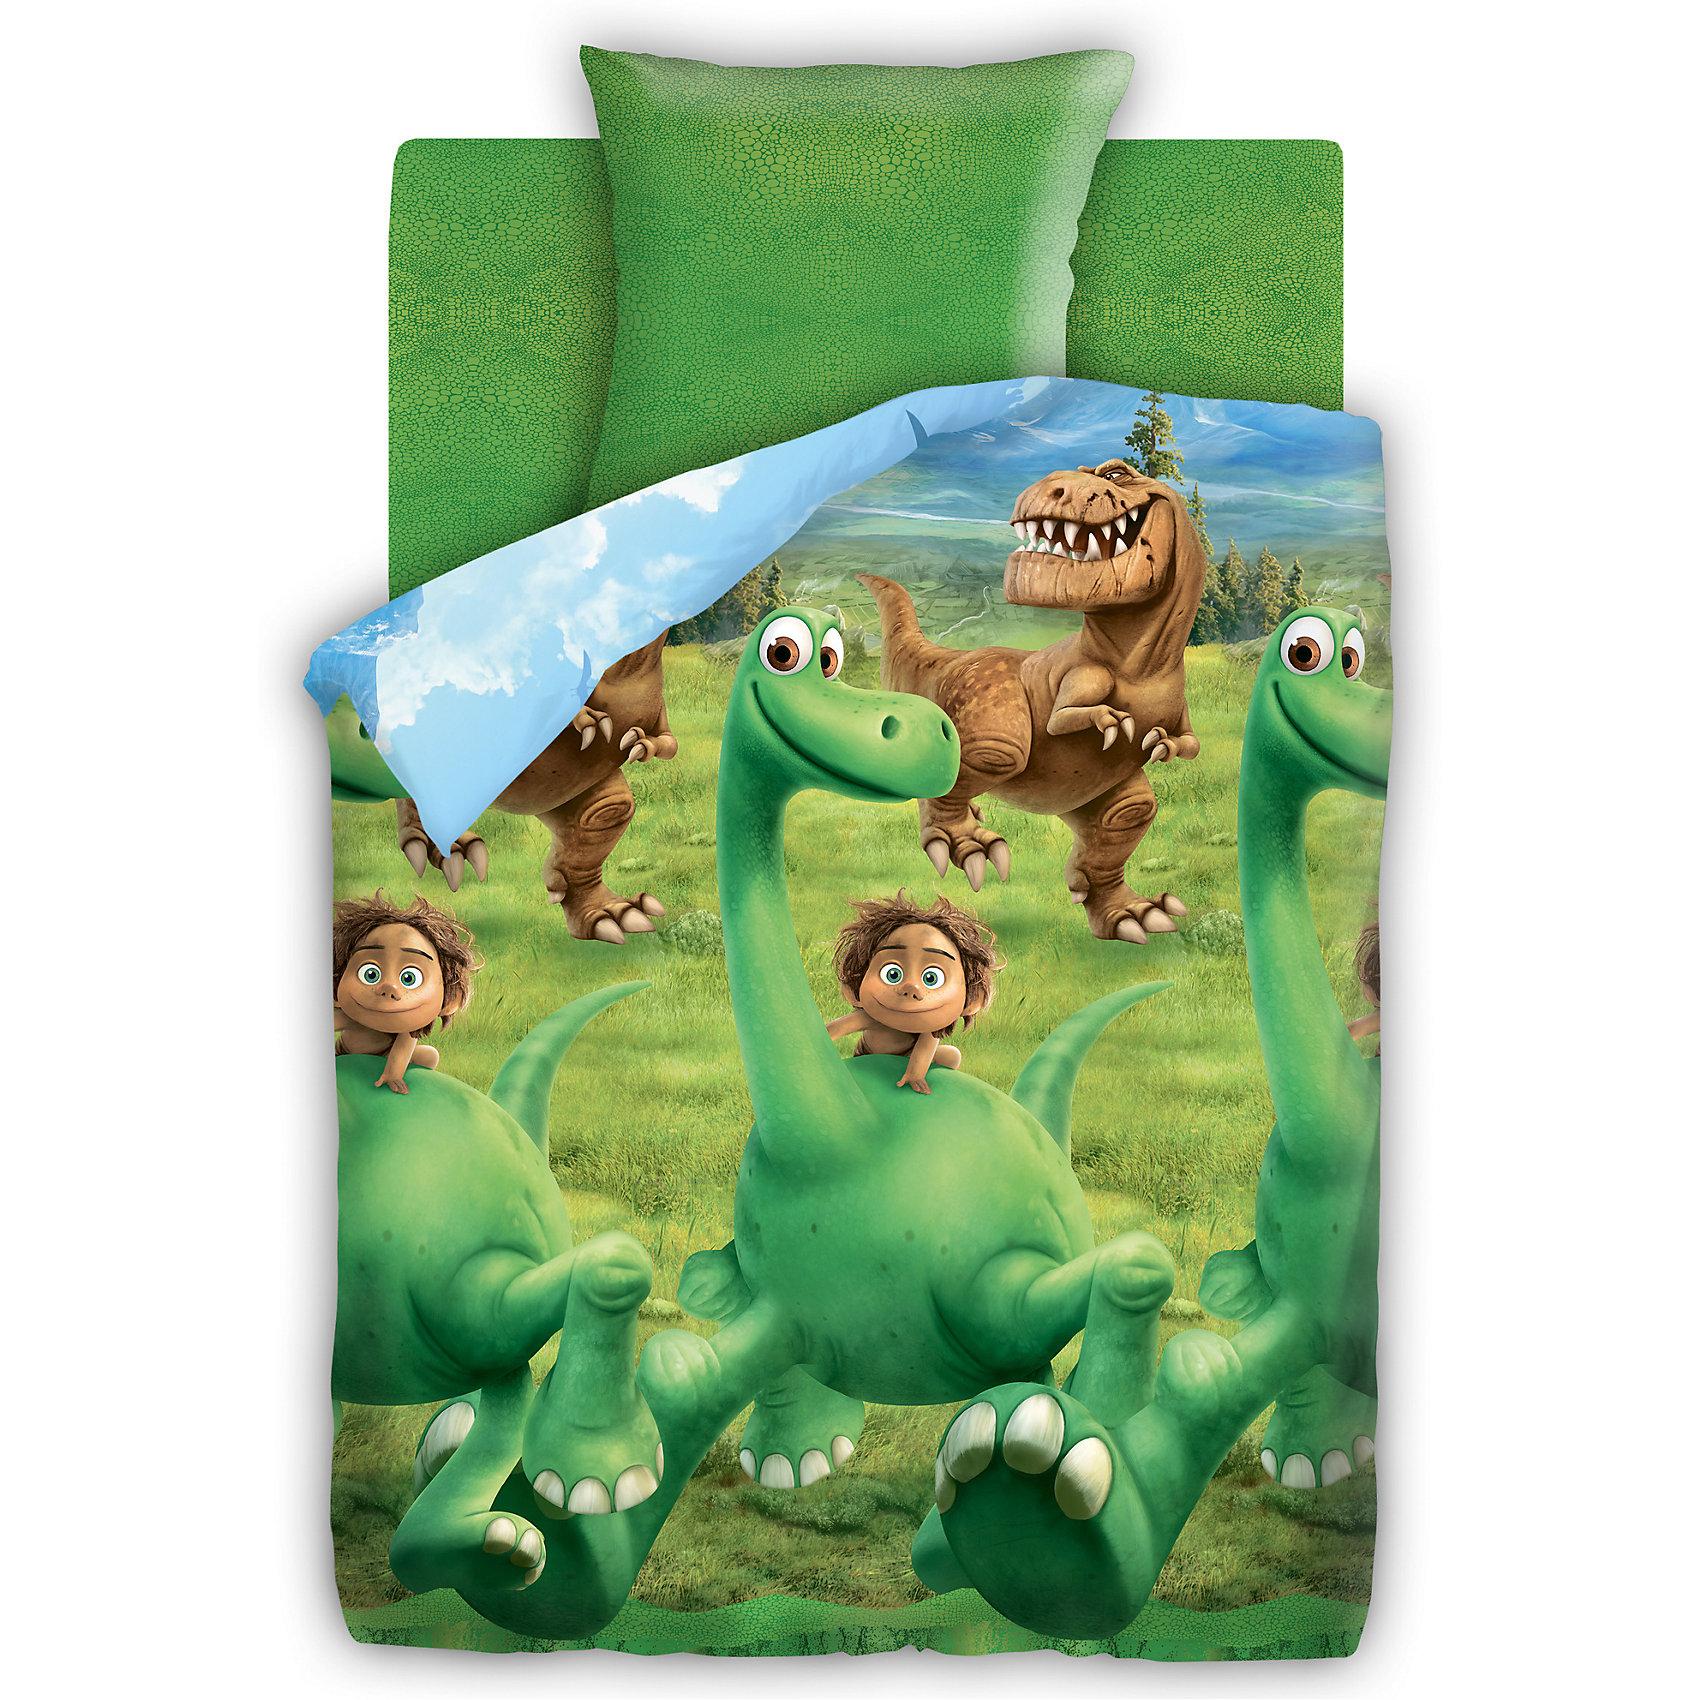 Комплект Хороший Динозавр 1,5-спальный (наволочка 70*70)Комплект с веселыми героями мультфильма Хороший Динозавр обязательно порадует и развеселит ребенка. Изделие выполнено из высококачественного хлопка, прекрасно сохраняет форму и цвет после стирки, очень приятно к телу. При производстве ткани использованы гипоаллергенные красители, разрешенные для детского постельного белья.<br><br>Дополнительная информация:<br><br>- Комплектация: наволочка (1 шт.), простыня (1 шт.), пододеяльник (1 шт.).<br>- 1,5-спальный.<br>- Материал: бязь  (100% хлопок).<br>- Плотность ткани: 115 г/м2<br>- Размер: наволочка -  70х70 см, простыня - 214х150 см , пододеяльник - 215х 43 см.<br>- Стирка при 40°С.<br>- Декоративные элементы: принт.<br><br>Комплект Хороший Динозавр 1,5-спальный (наволочка 70х70), можно купить в нашем магазине.<br><br>Ширина мм: 250<br>Глубина мм: 350<br>Высота мм: 70<br>Вес г: 1500<br>Возраст от месяцев: 36<br>Возраст до месяцев: 144<br>Пол: Унисекс<br>Возраст: Детский<br>SKU: 4358358